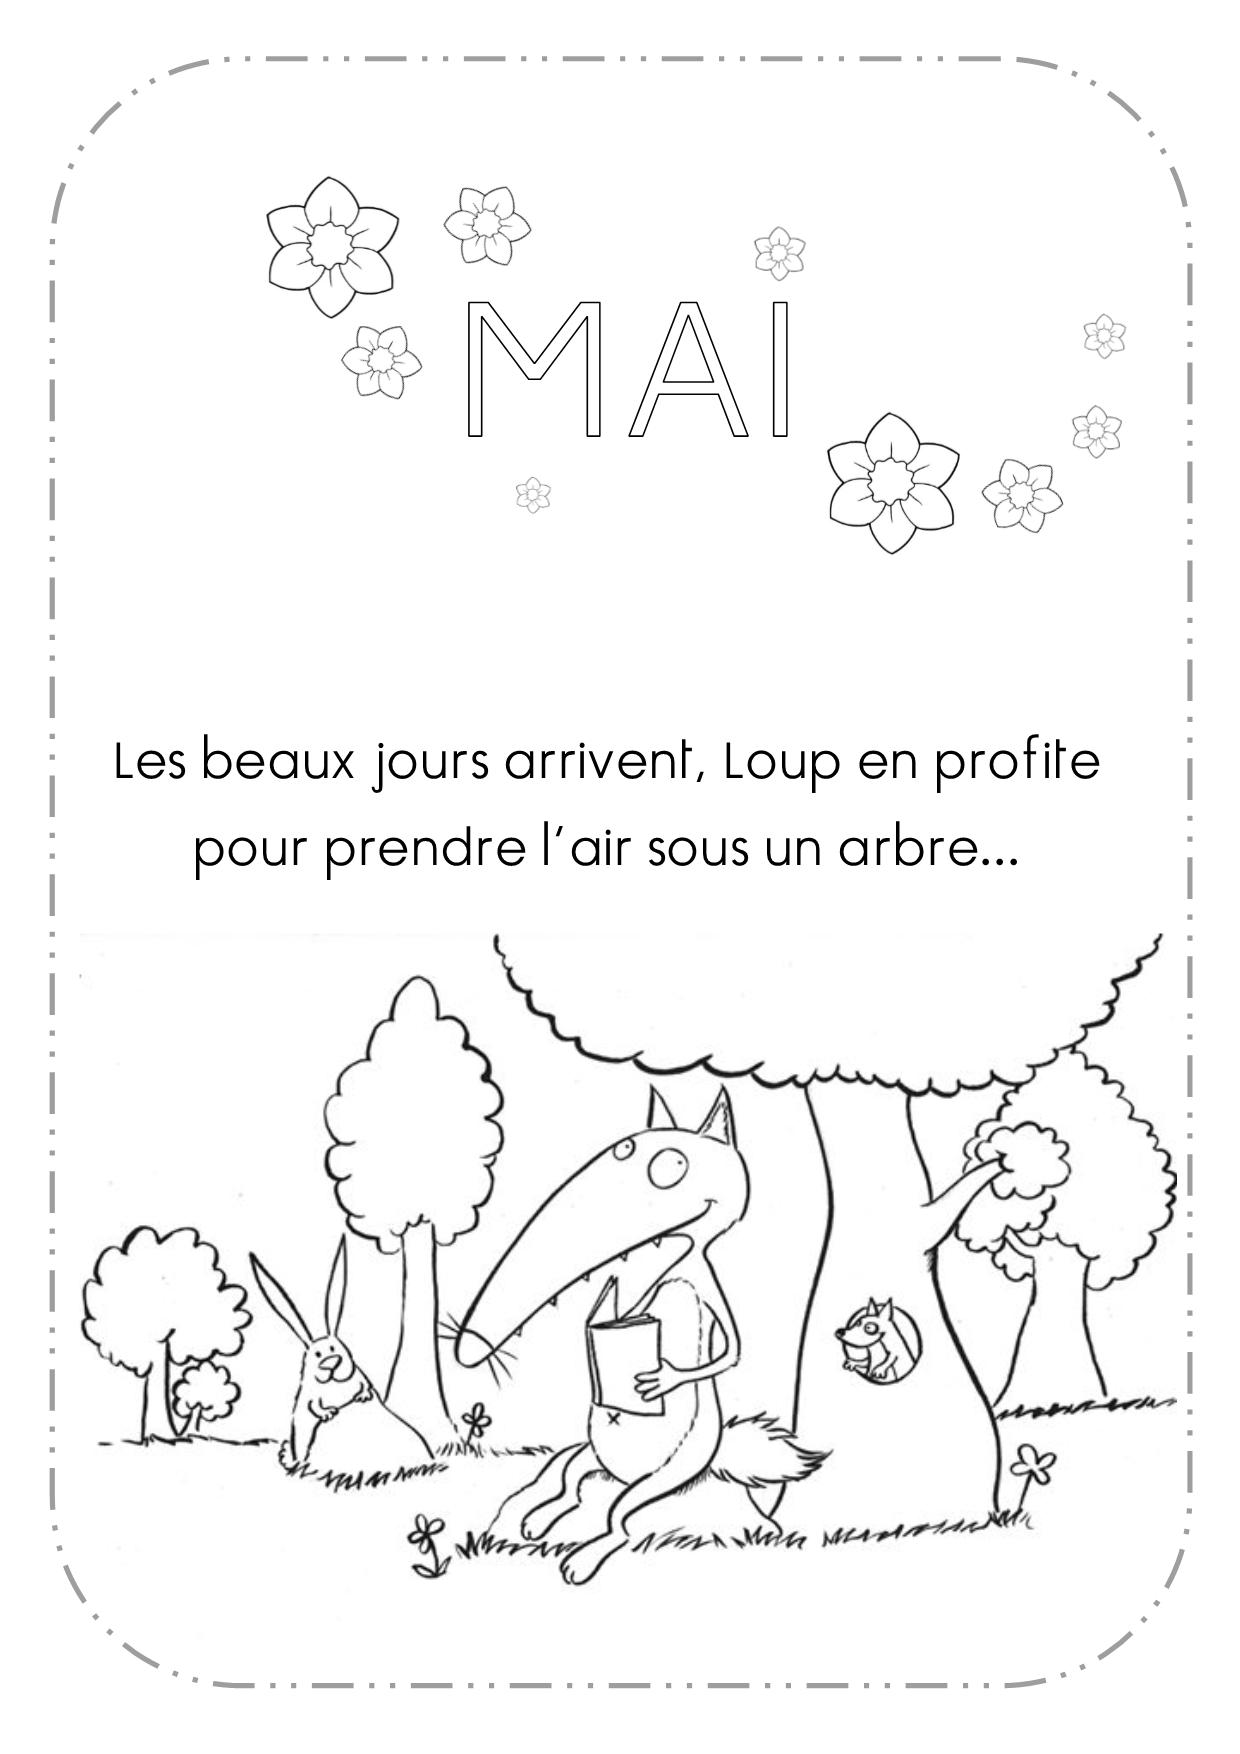 Pingl par kathy leroy sur kid activities crafts loup wolf craft activities for kids et - Coloriage p tit loup ...